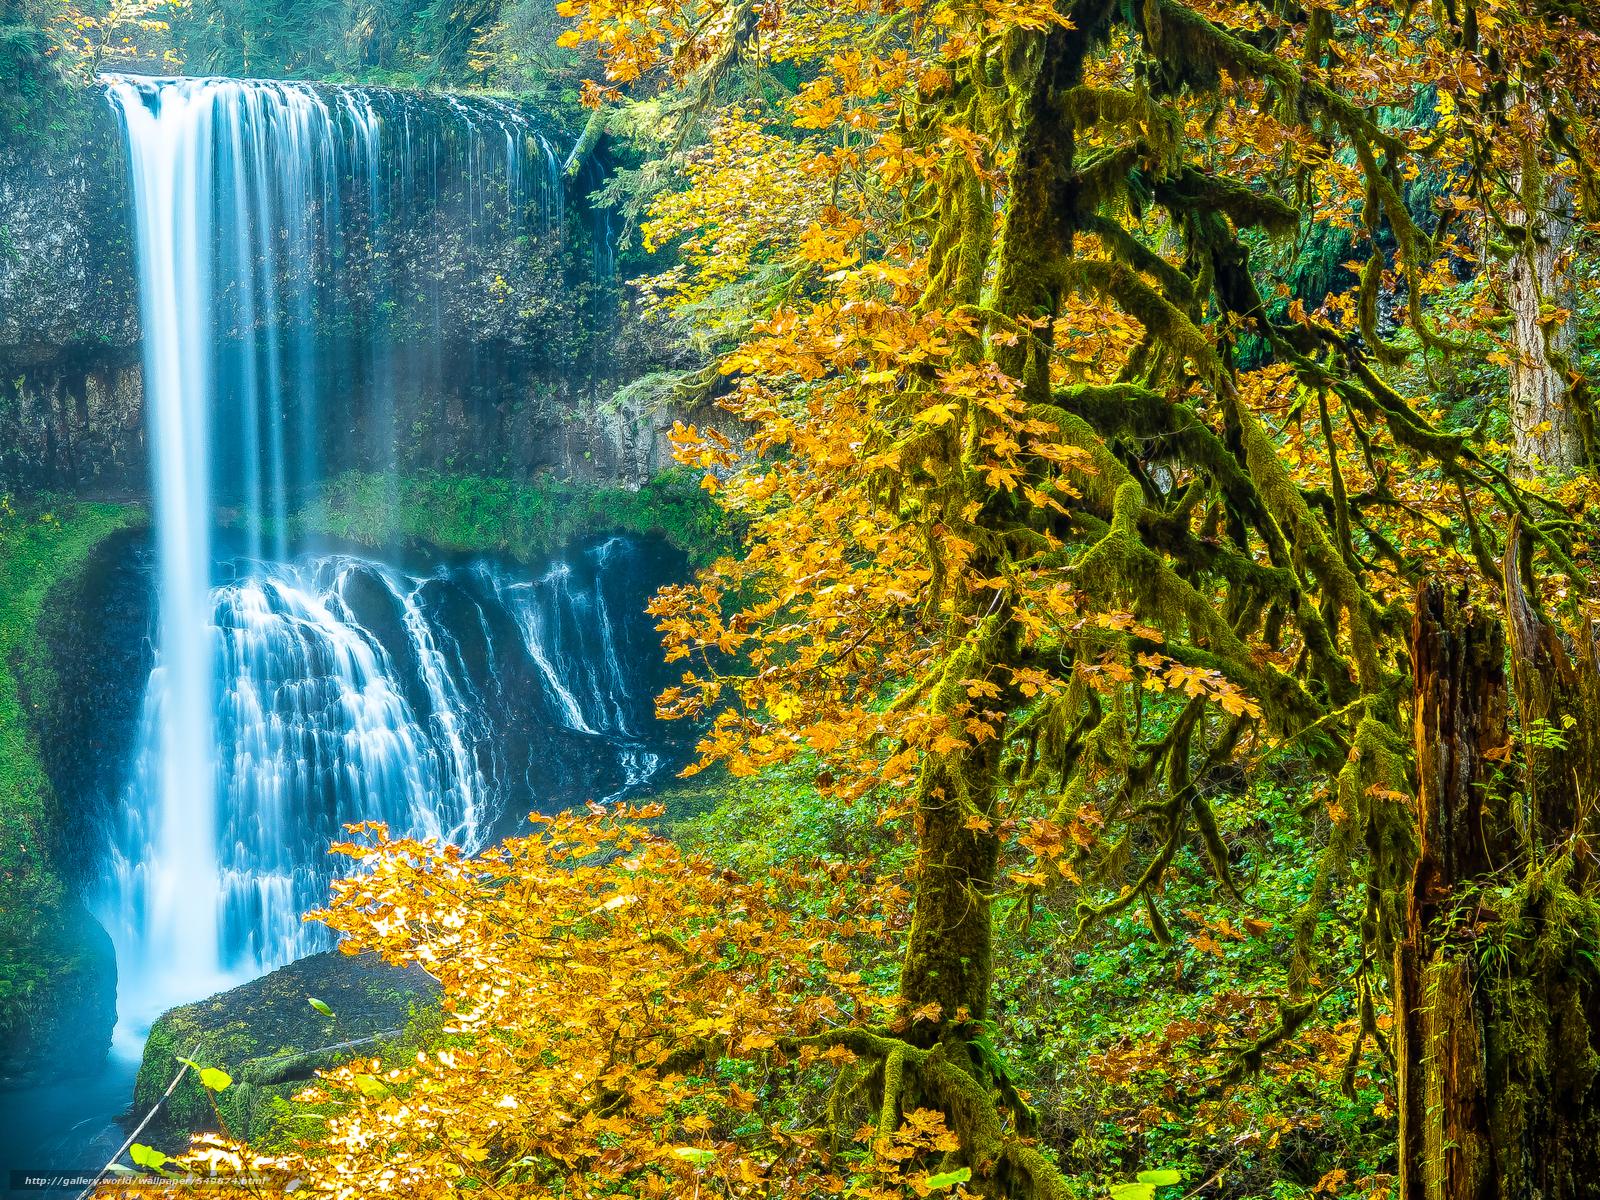 Tlcharger Fond d'ecran automne,  cascade,  arbres,  paysage Fonds d'ecran gratuits pour votre rsolution du bureau 4608x3456 — image №549874